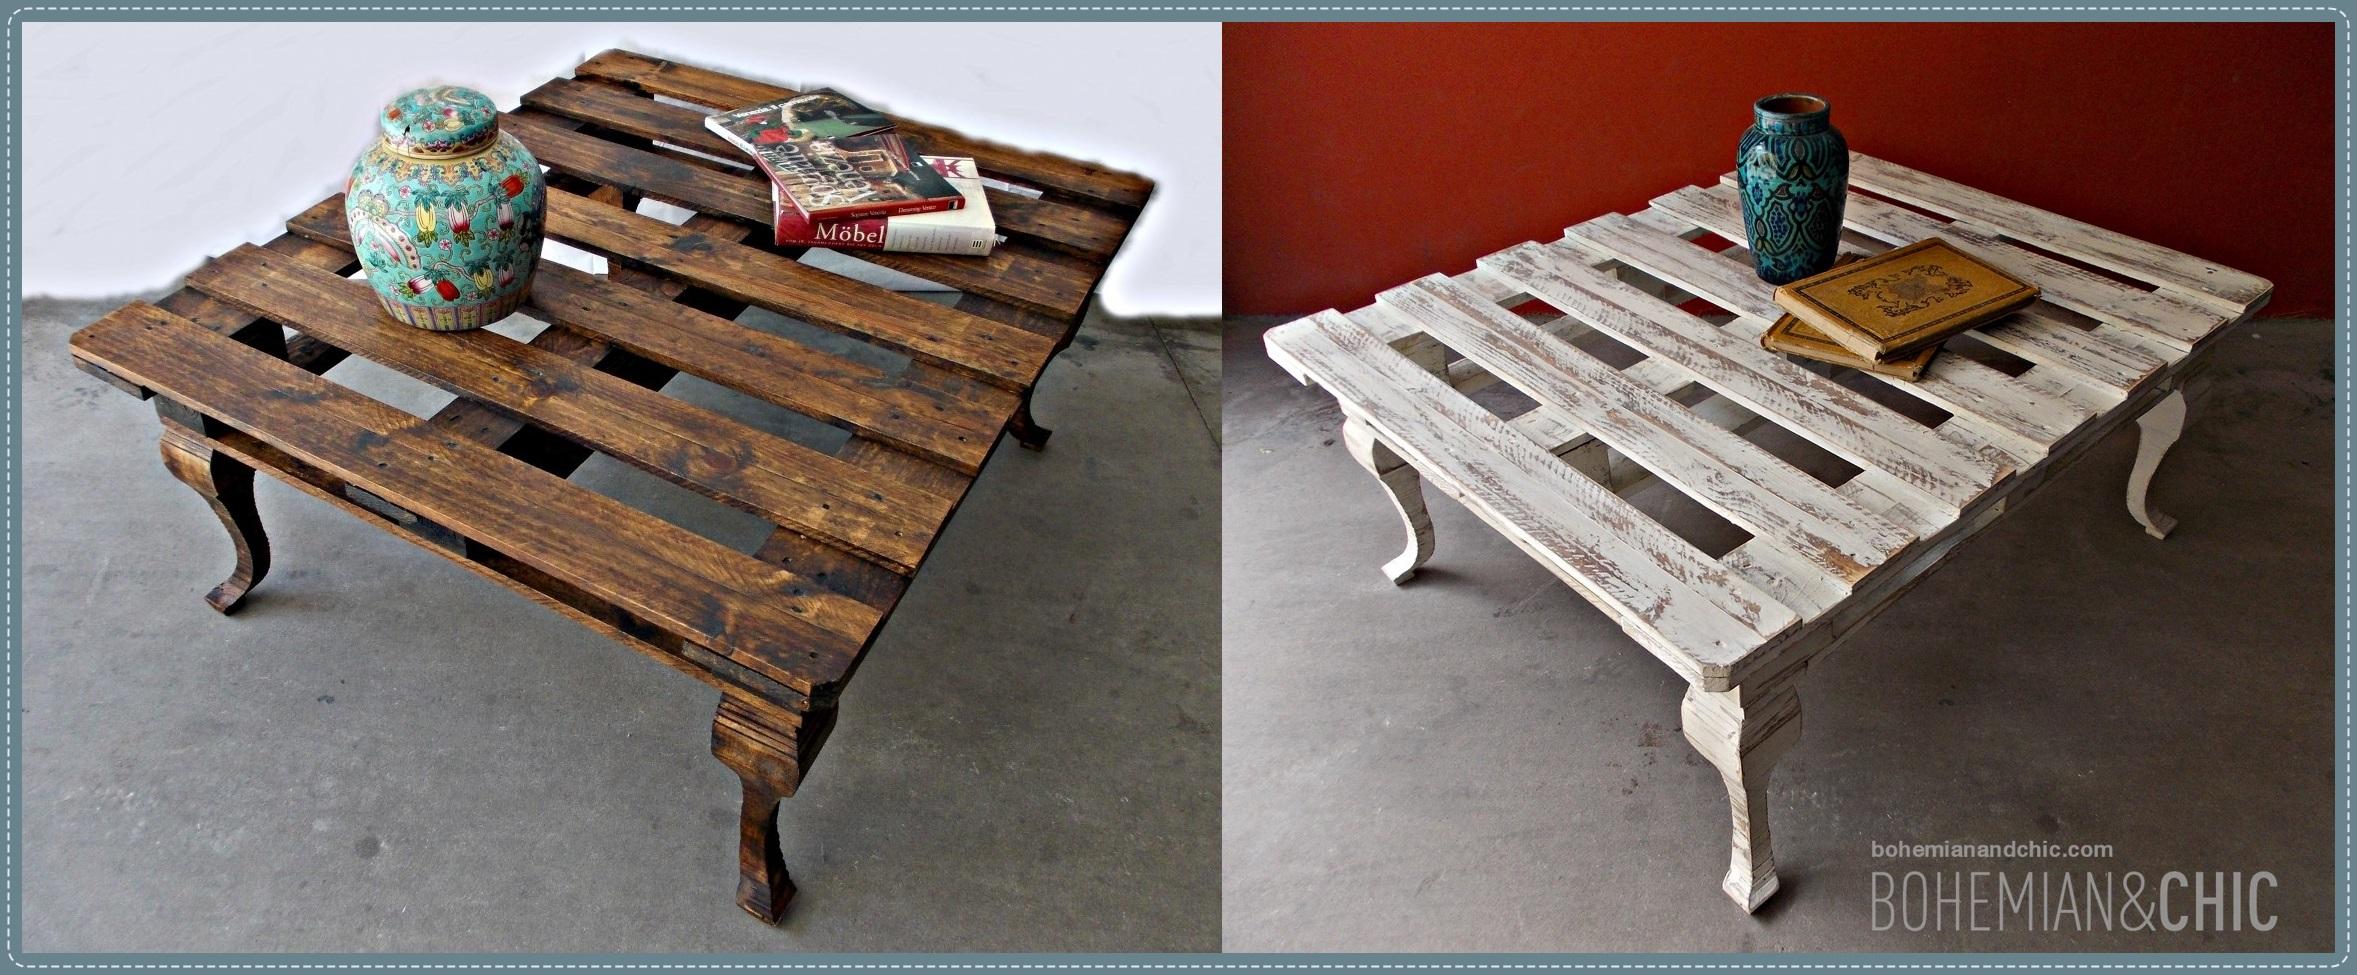 Como hacer una mesa de centro con un palet bohemian and chic for Como hacer una mesa de centro